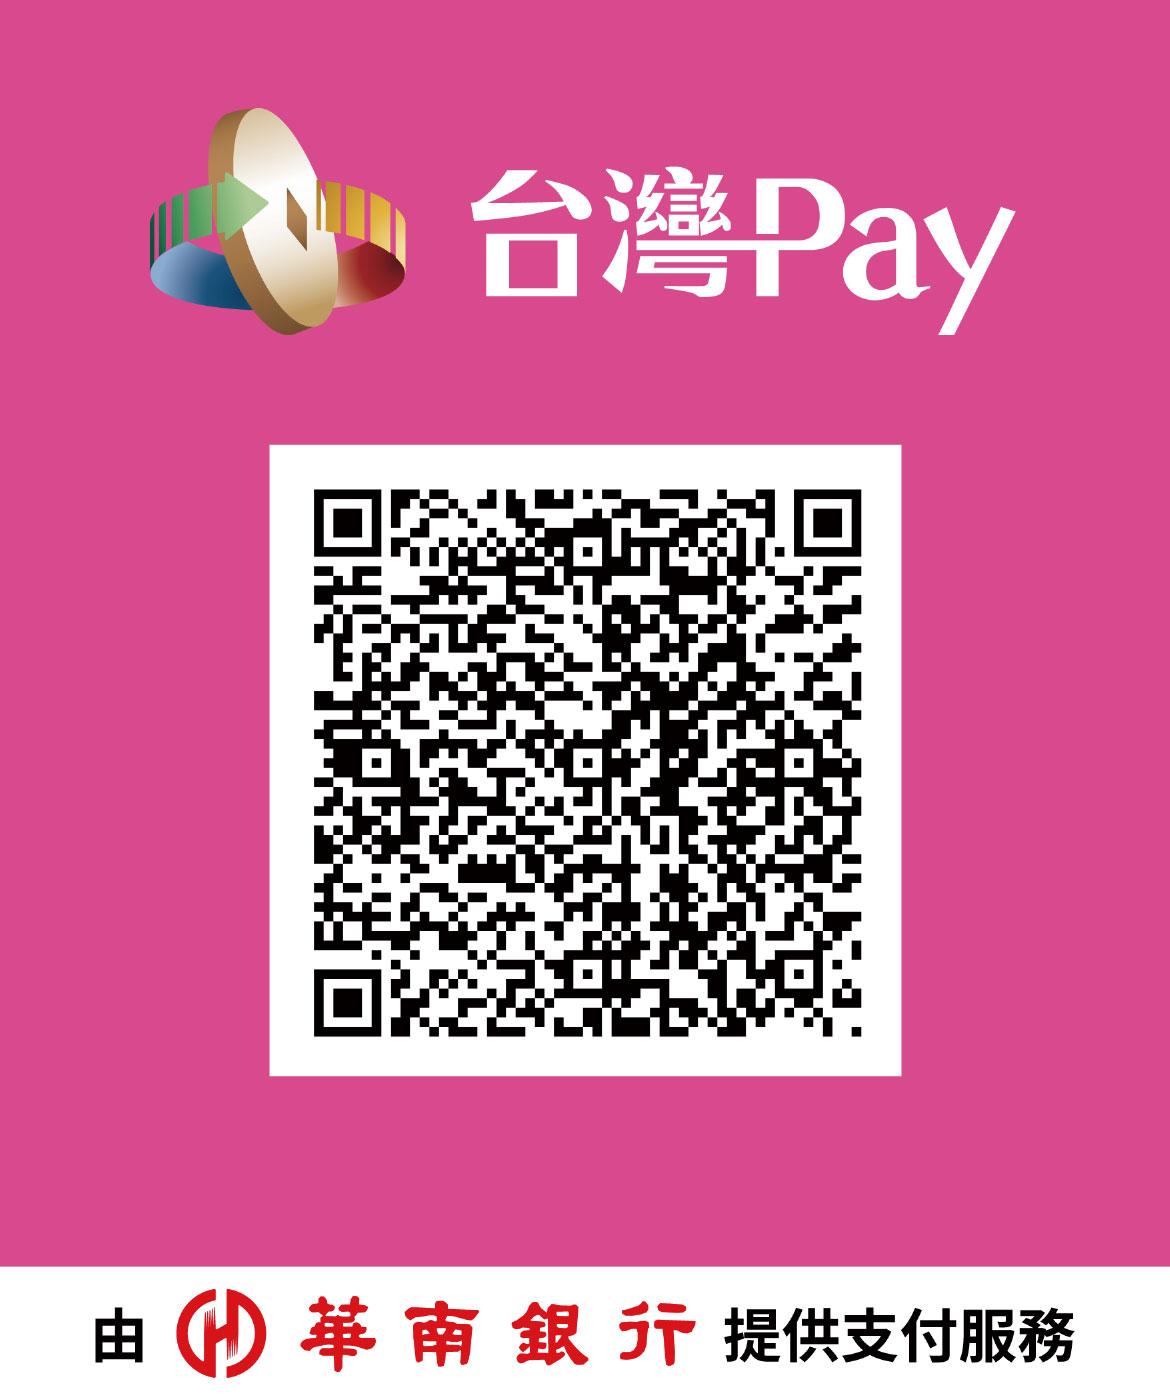 台灣Pay QRCode